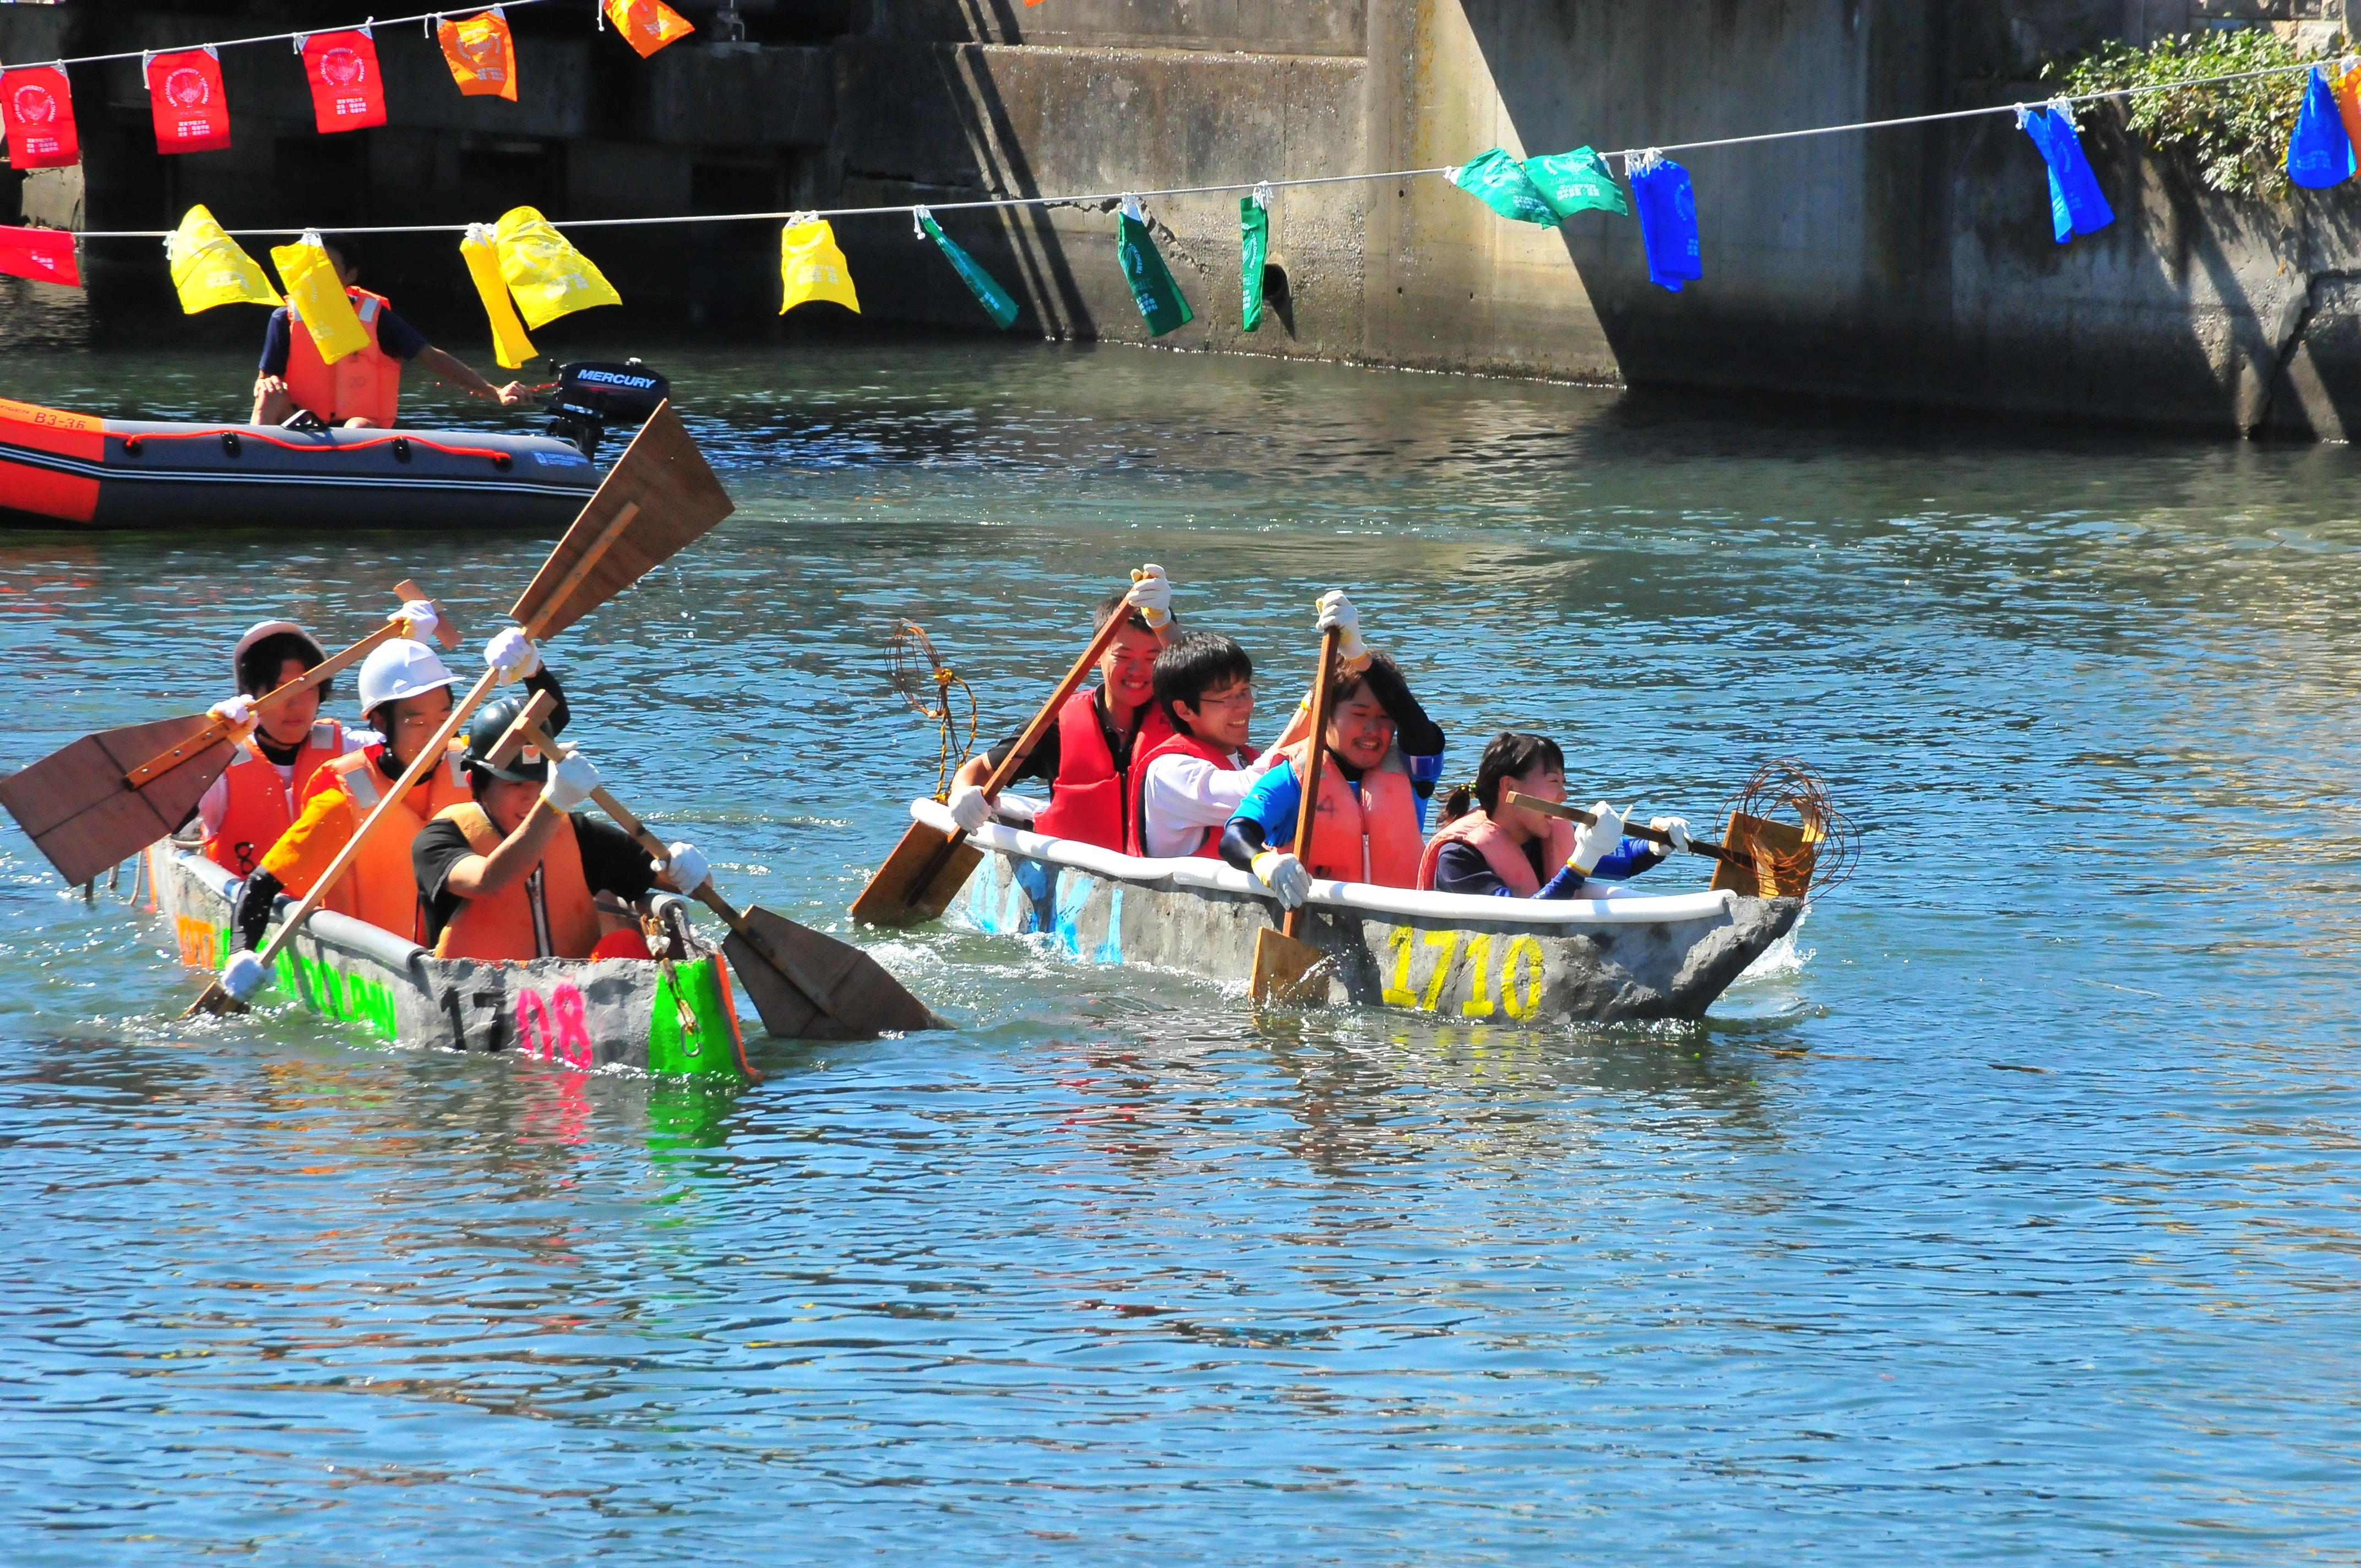 沈没続出!?コンクリートでつくったカヌーで、全長600mのレースを開催します。